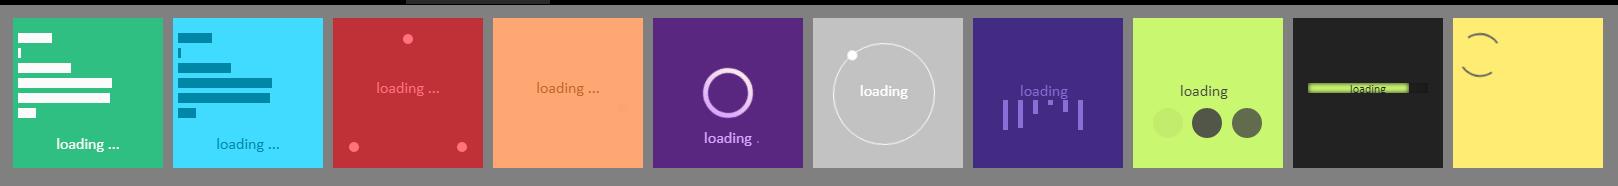 无需JS利用HTML5实现网页进度条效果